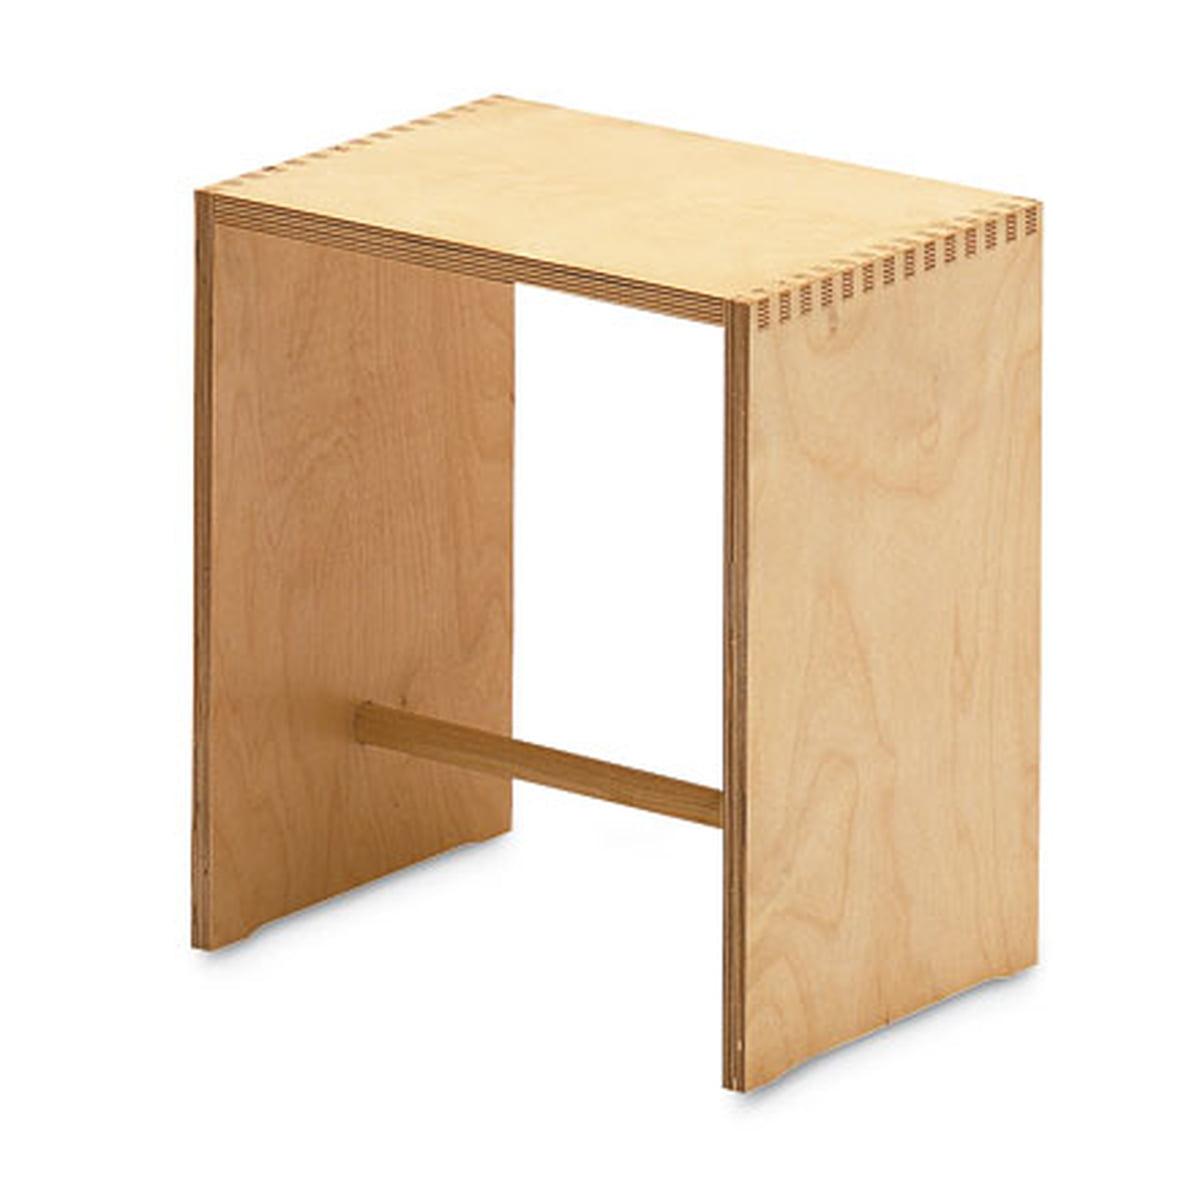 sgabillo max bill stool by zanotta in our shop. Black Bedroom Furniture Sets. Home Design Ideas